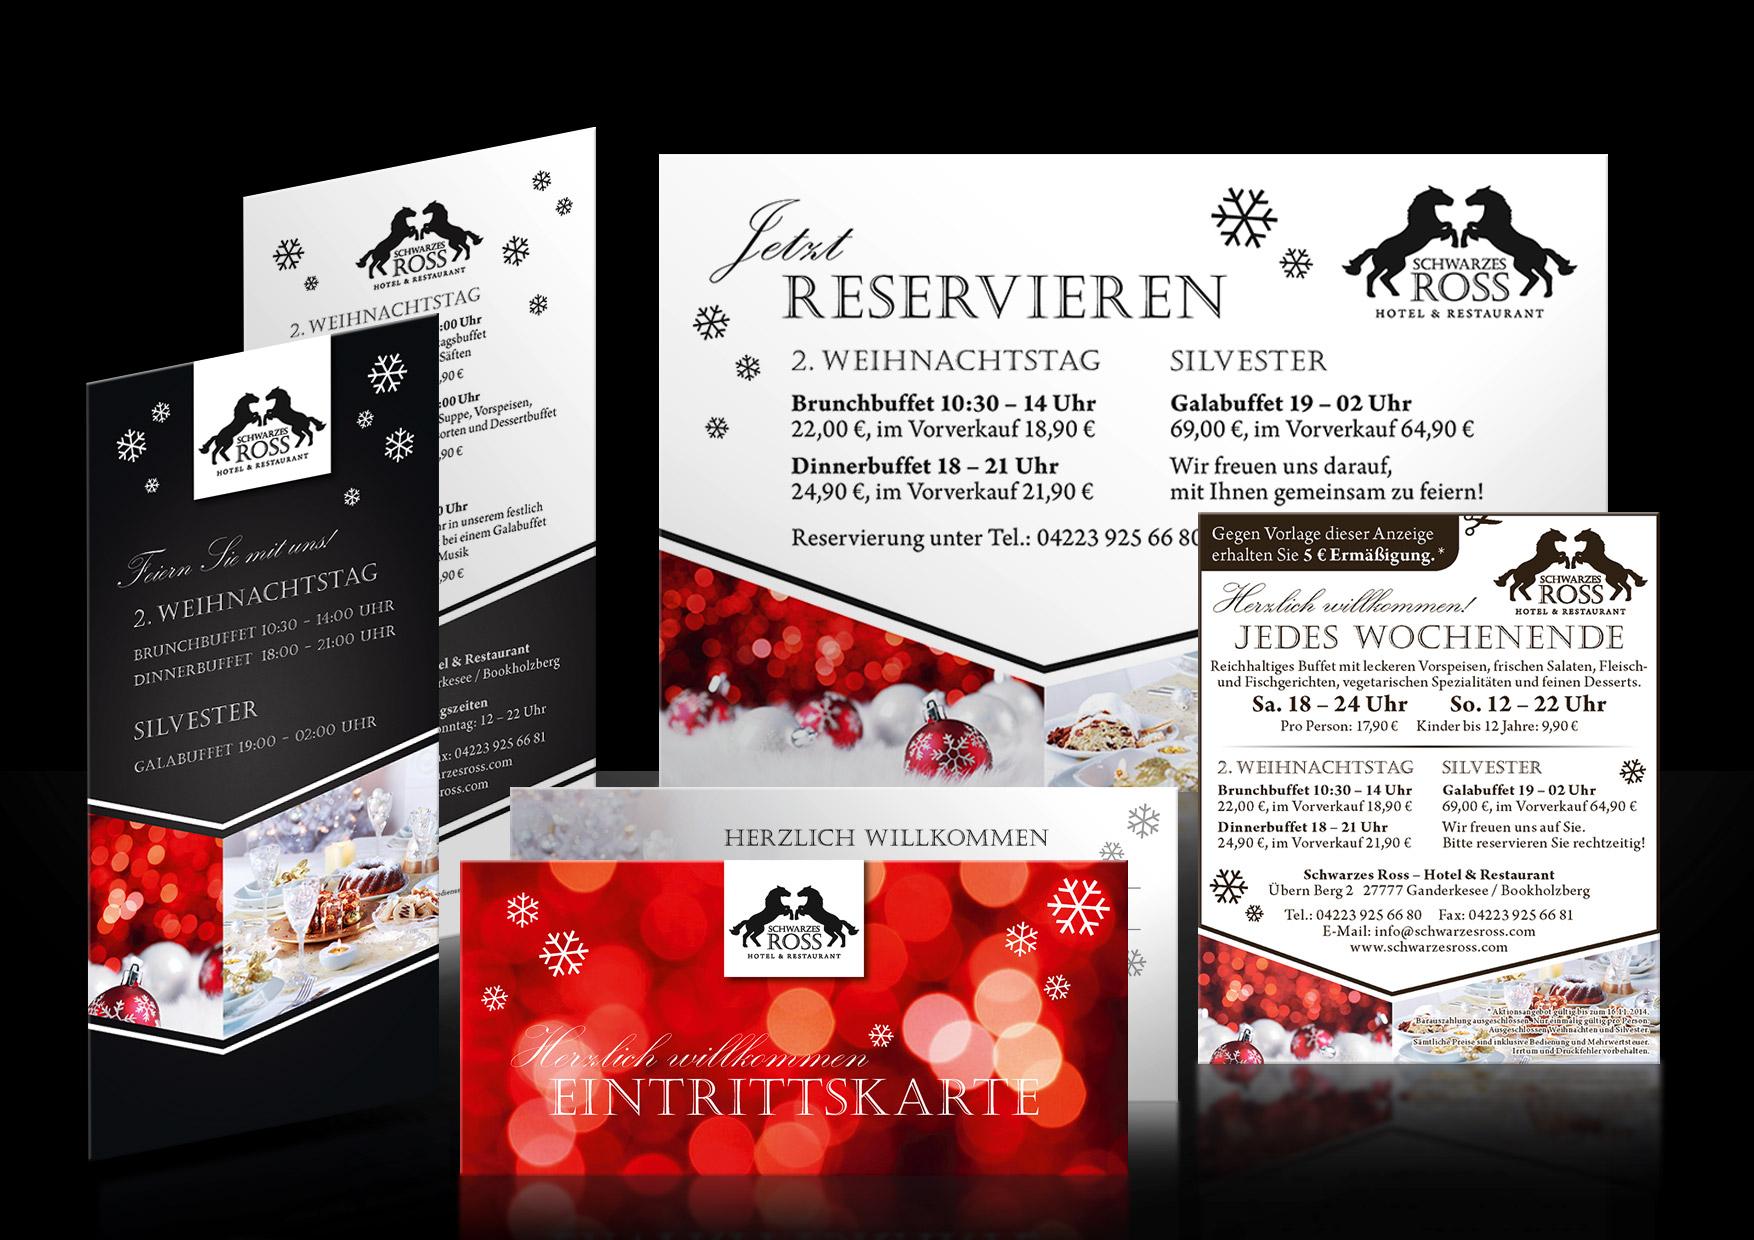 Werbedesign-Weihnachten-Silvester-Restaurant-Schwarzes-Ross-Bookholzberg